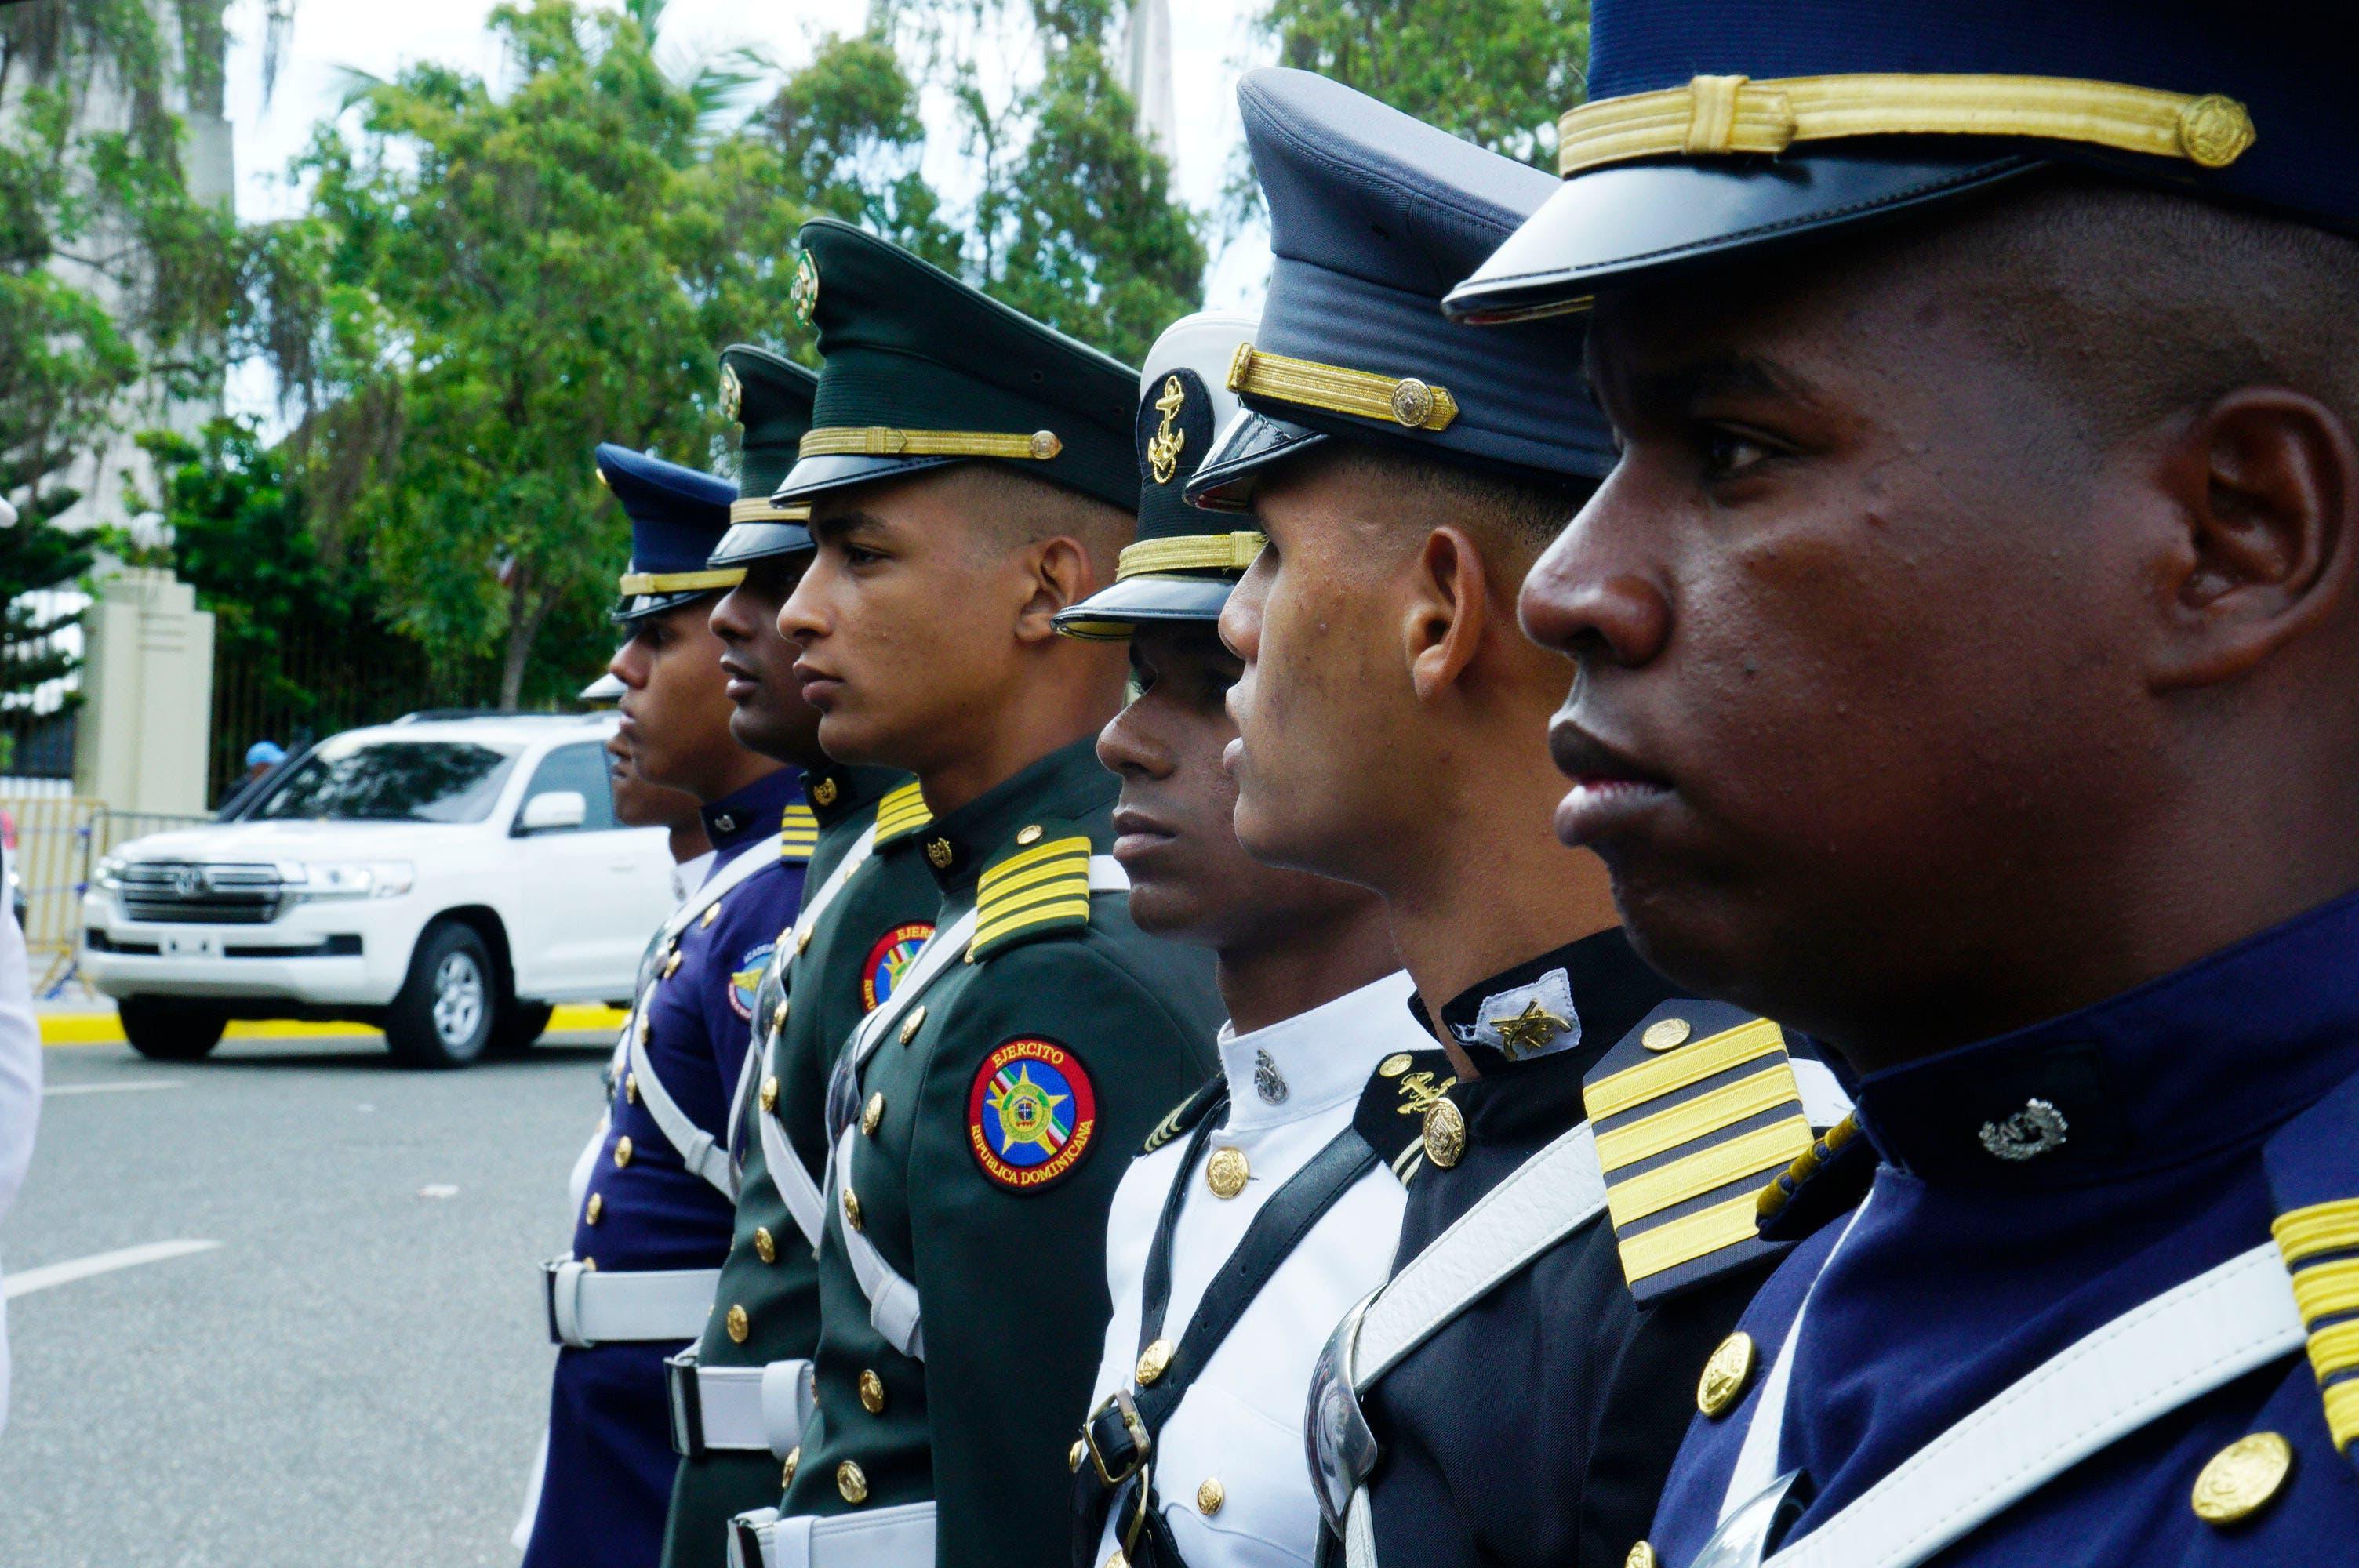 5. Parte de los cadetes apostados en el Congreso Nacional para rendir honores militares al presidente Medina. Foto:  Elieser Tapia.